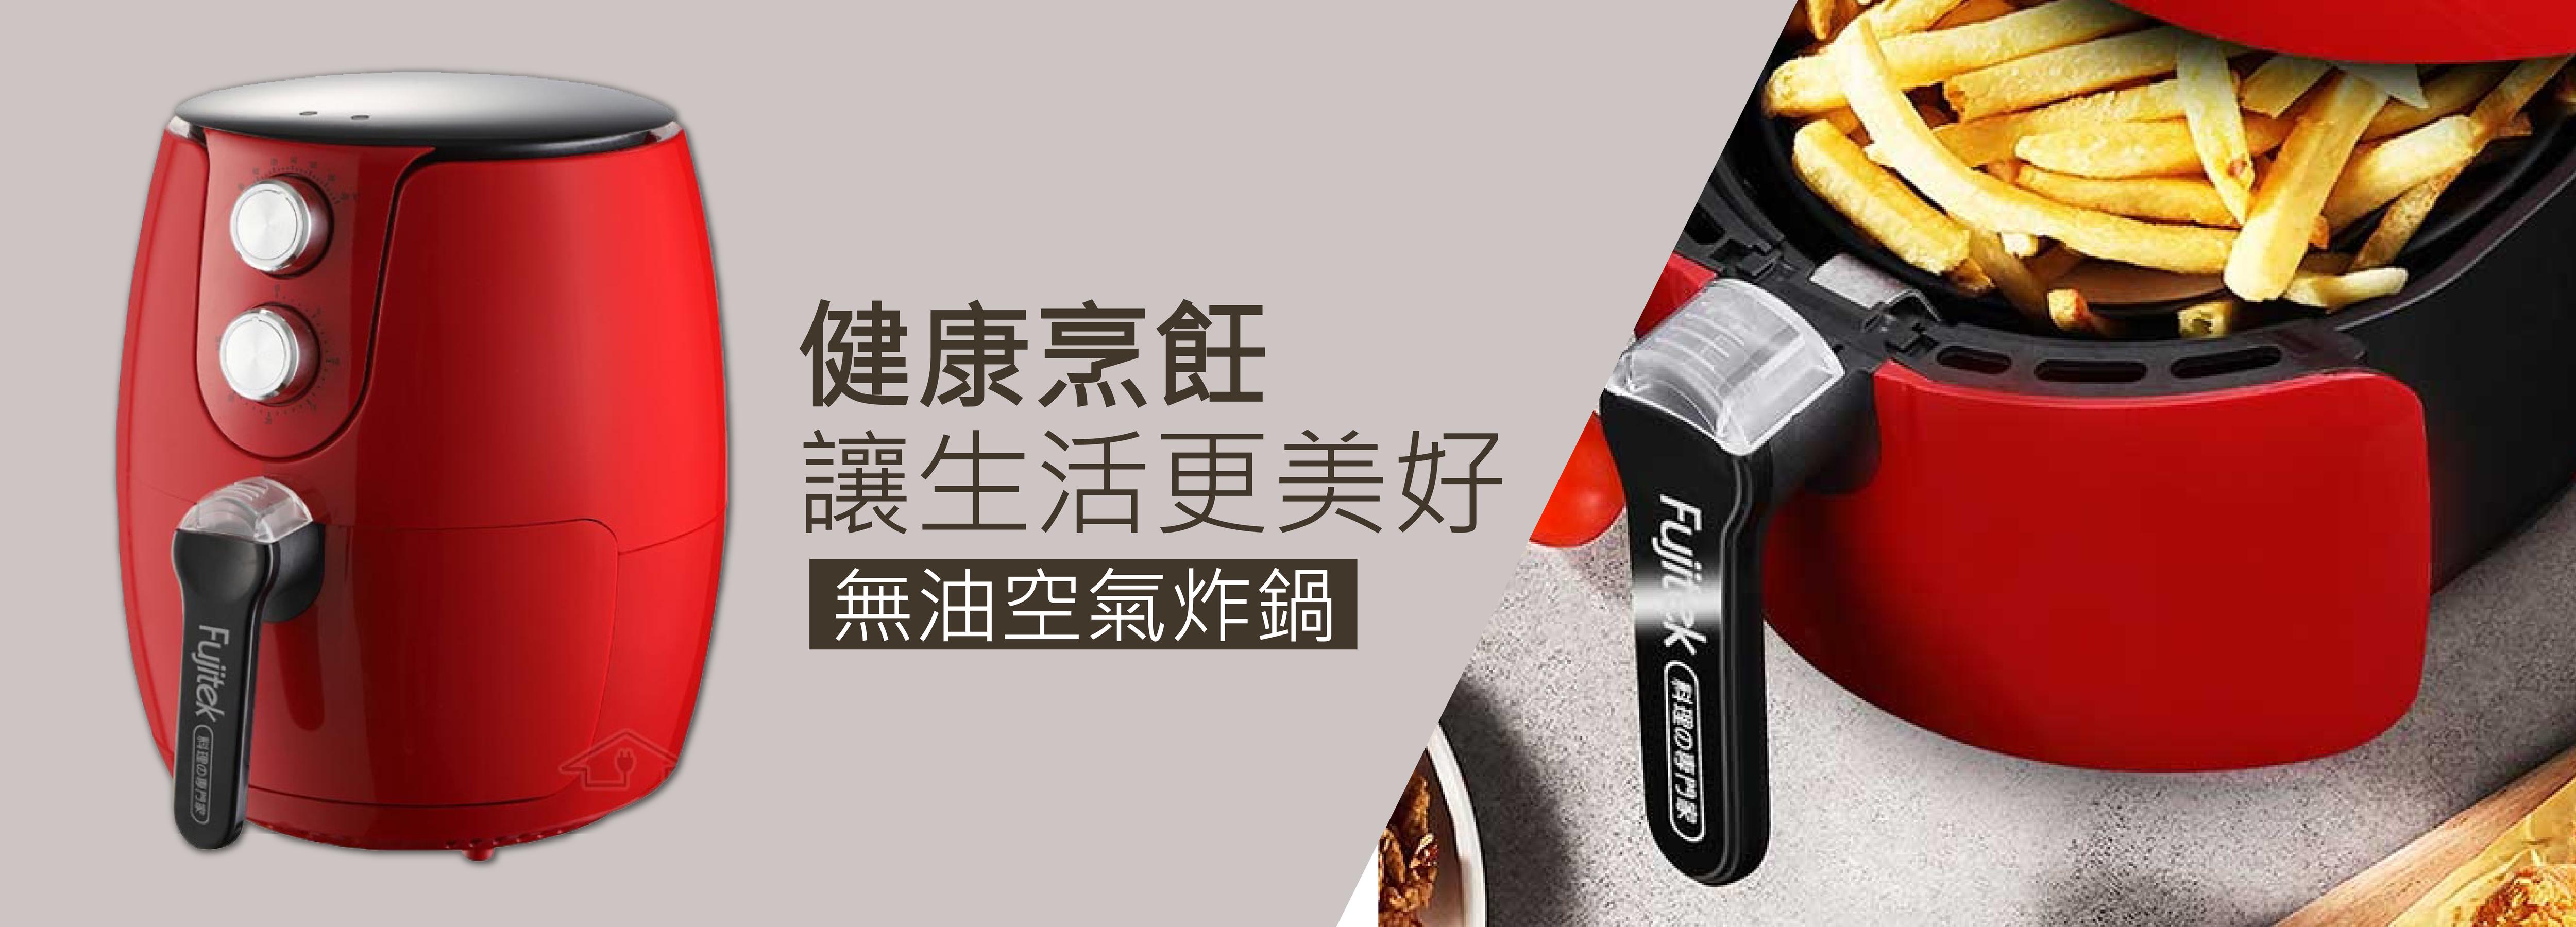 健康烹飪Waymax|Fujitek 富士電通3.2L智慧型氣炸鍋